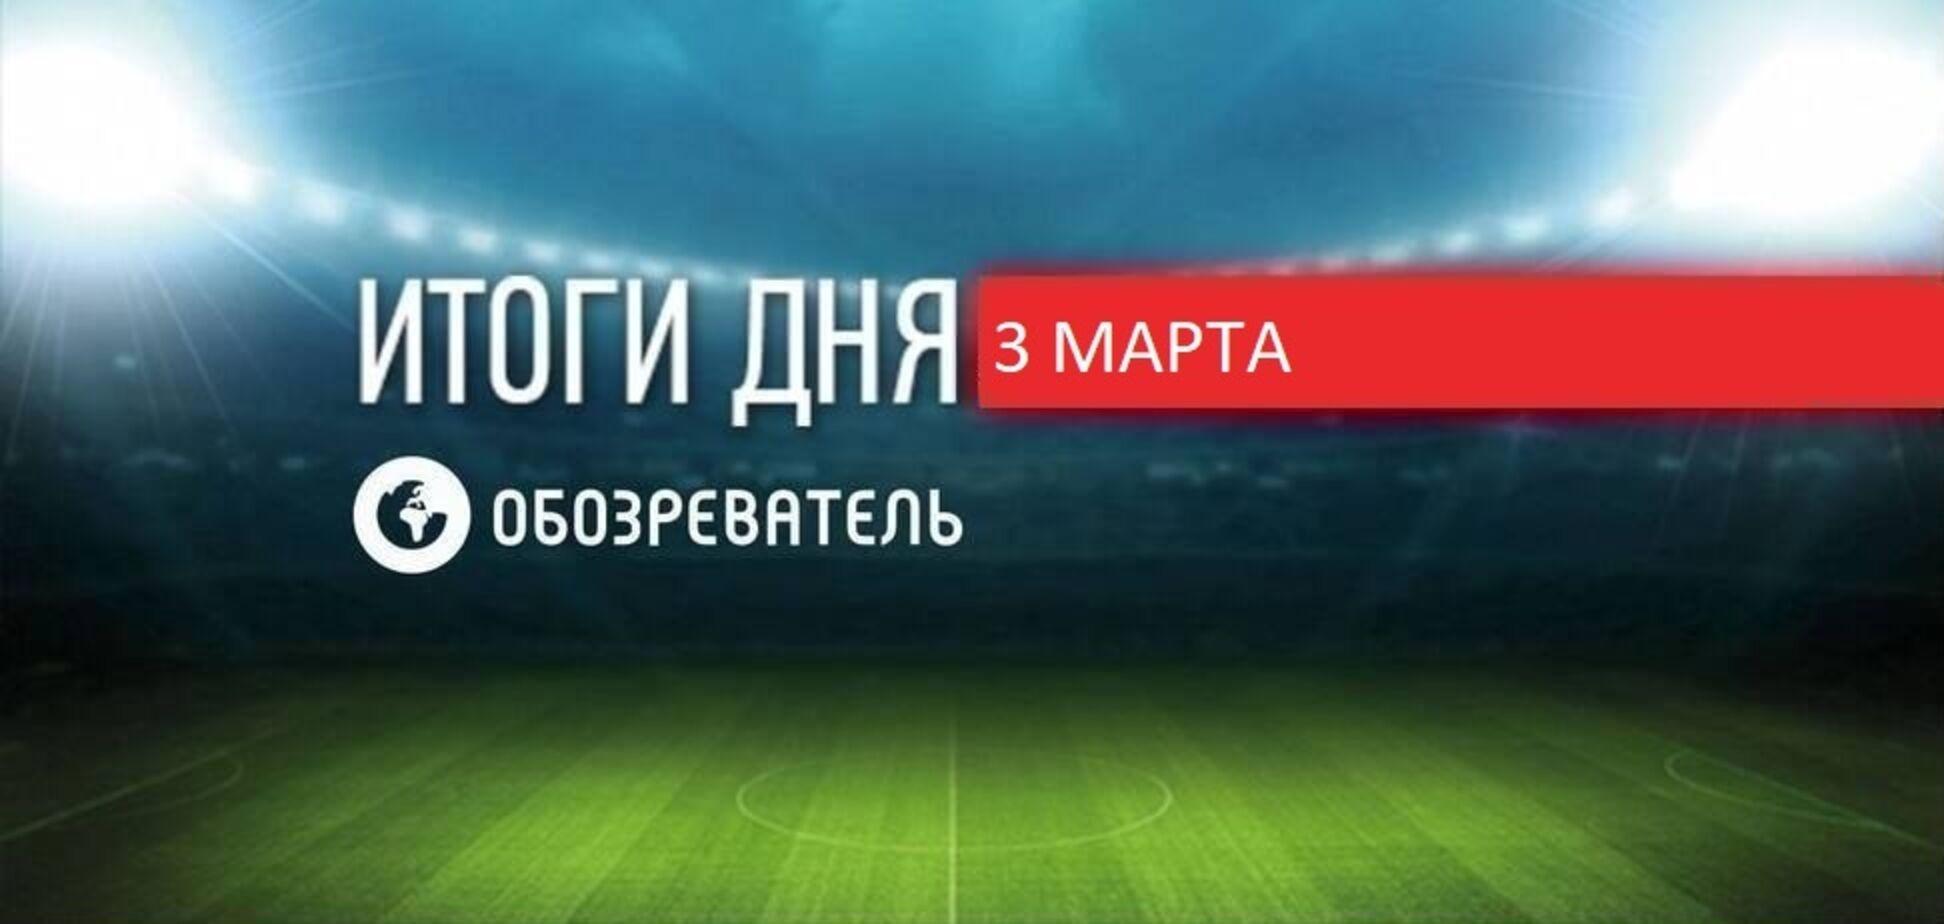 'Шахтер' проиграл команде первой лиги в Кубке Украины: спортивные итоги 3 марта